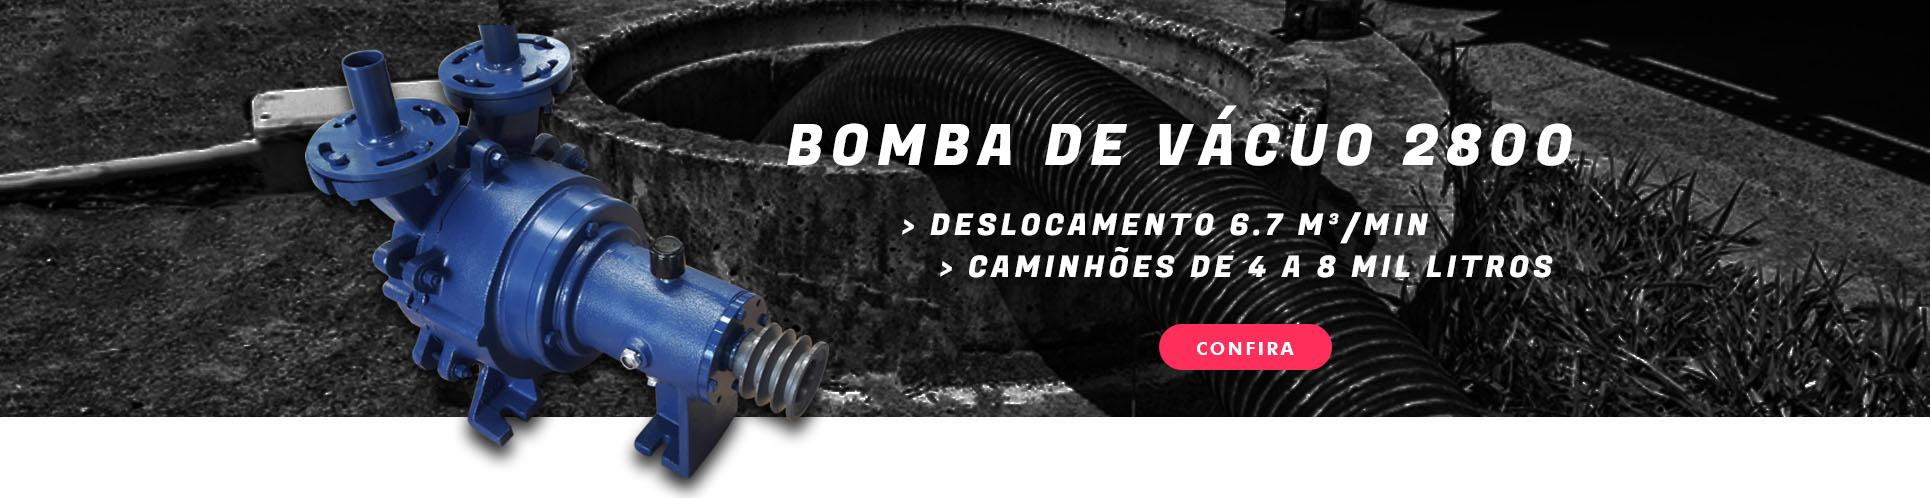 Bomba limpa fossa - modelo BV-2800